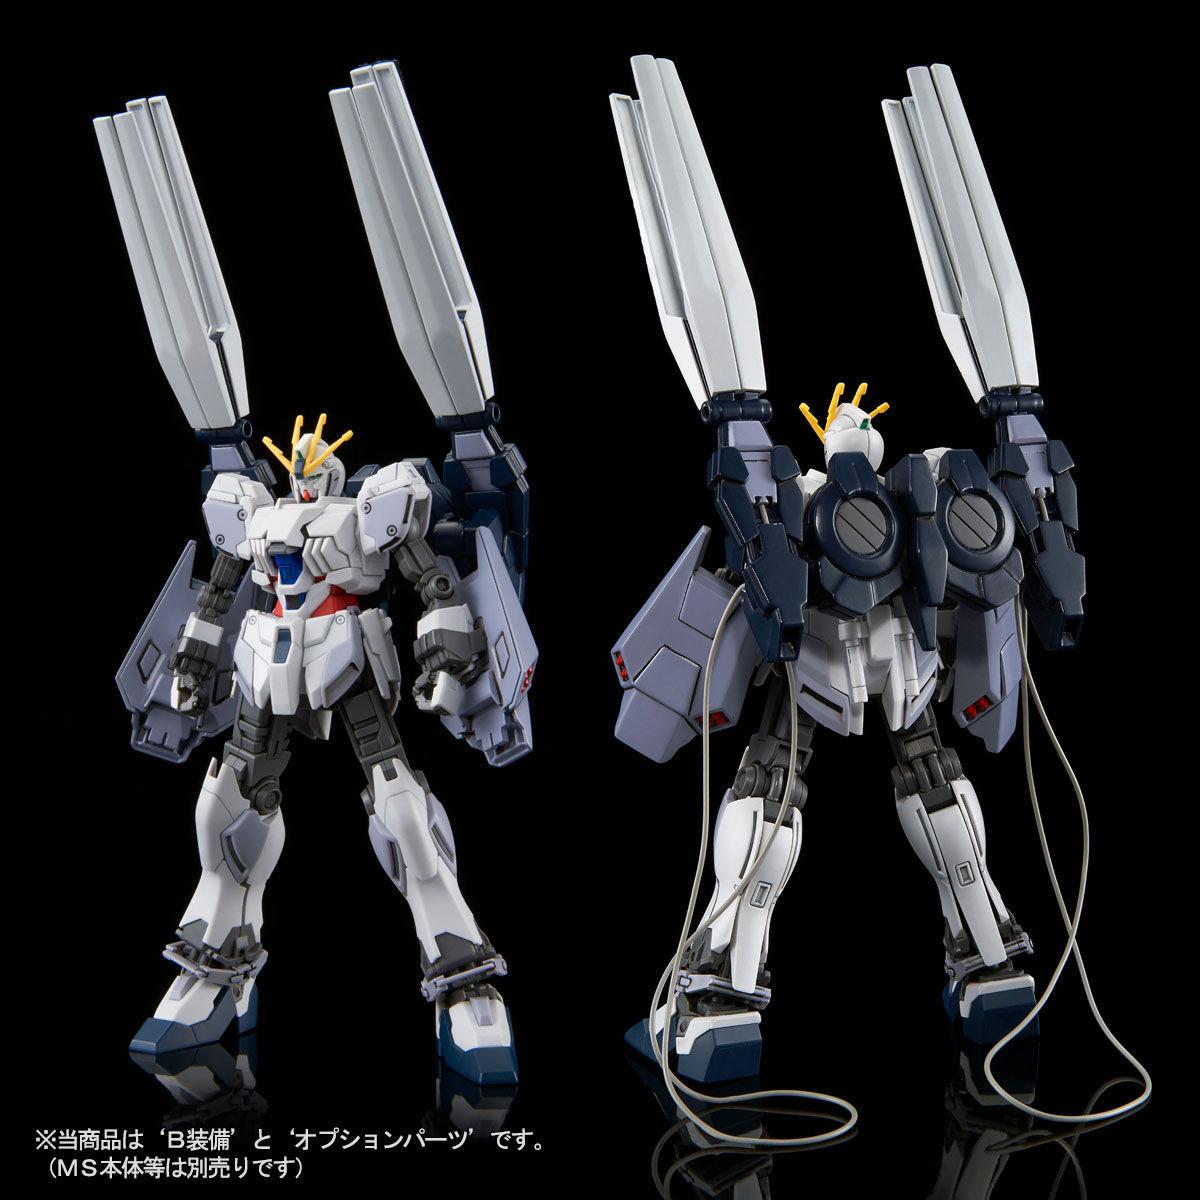 HG 1/144『ナラティブガンダム用 B装備拡張セット』ガンダムNT プラモデル-003